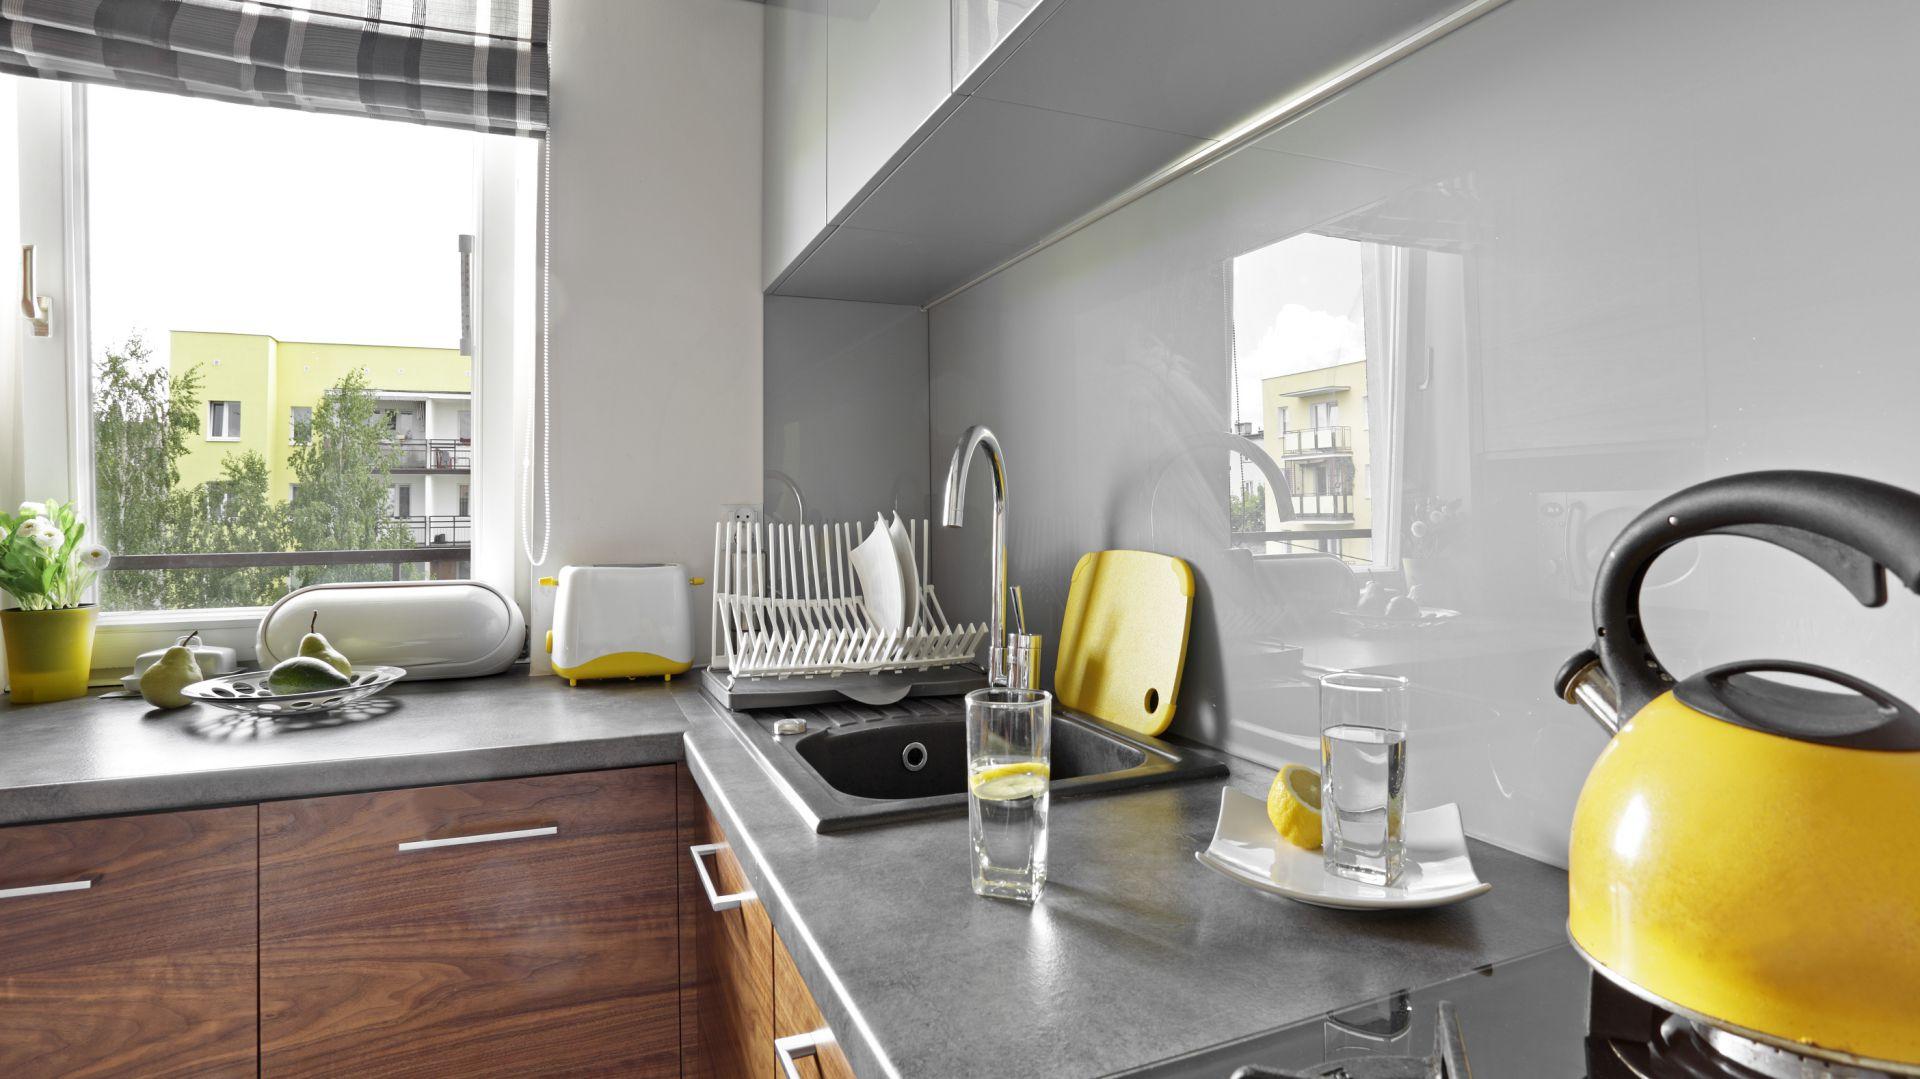 Mała kuchnia w bloku  Mała kuchnia w bloku  gotowy  -> Mala Kuchnia Aranżacja Wnetrza